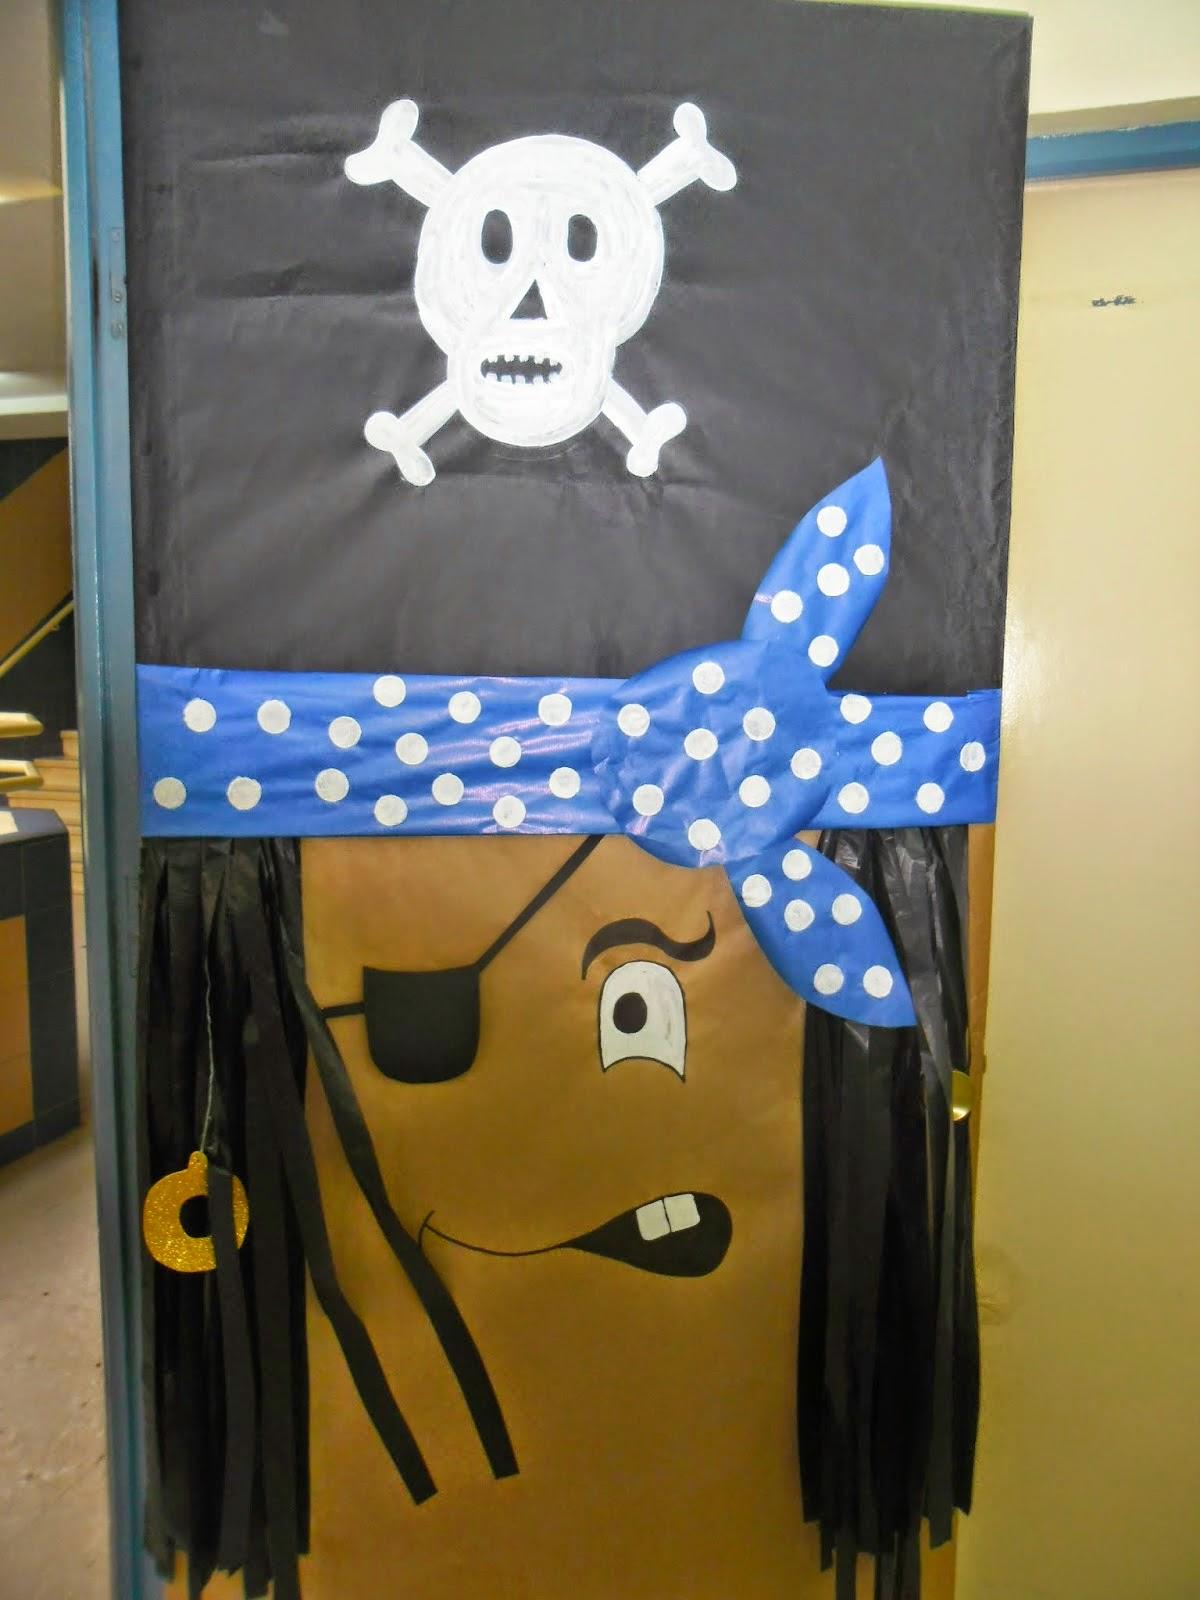 Educaci n infantil ceip padre manjon puerta pirata de 5 a os for Puertas decoradas educacion infantil